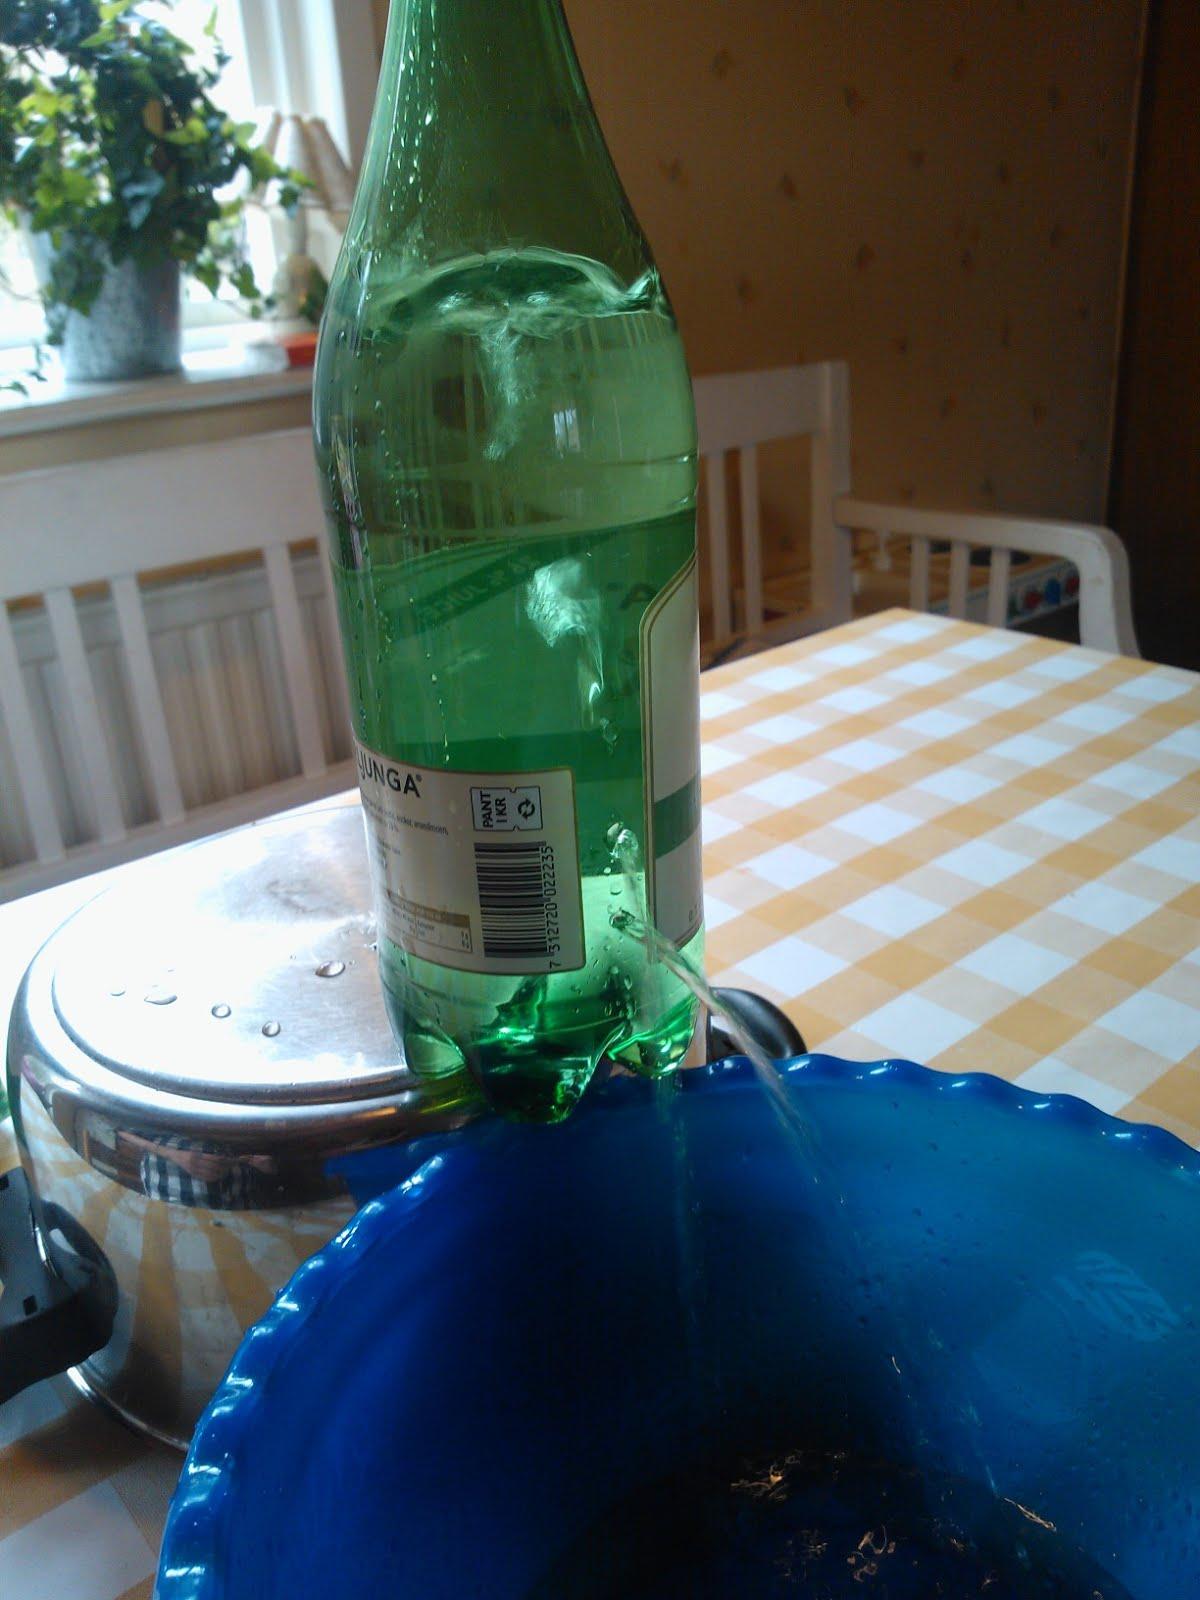 ecf8687f085 Vår hypotes är nu att det inte ska rinna ut något vatten, eftersom det  endast är vatten i flaskan och ingen luft. Översta hålet ...